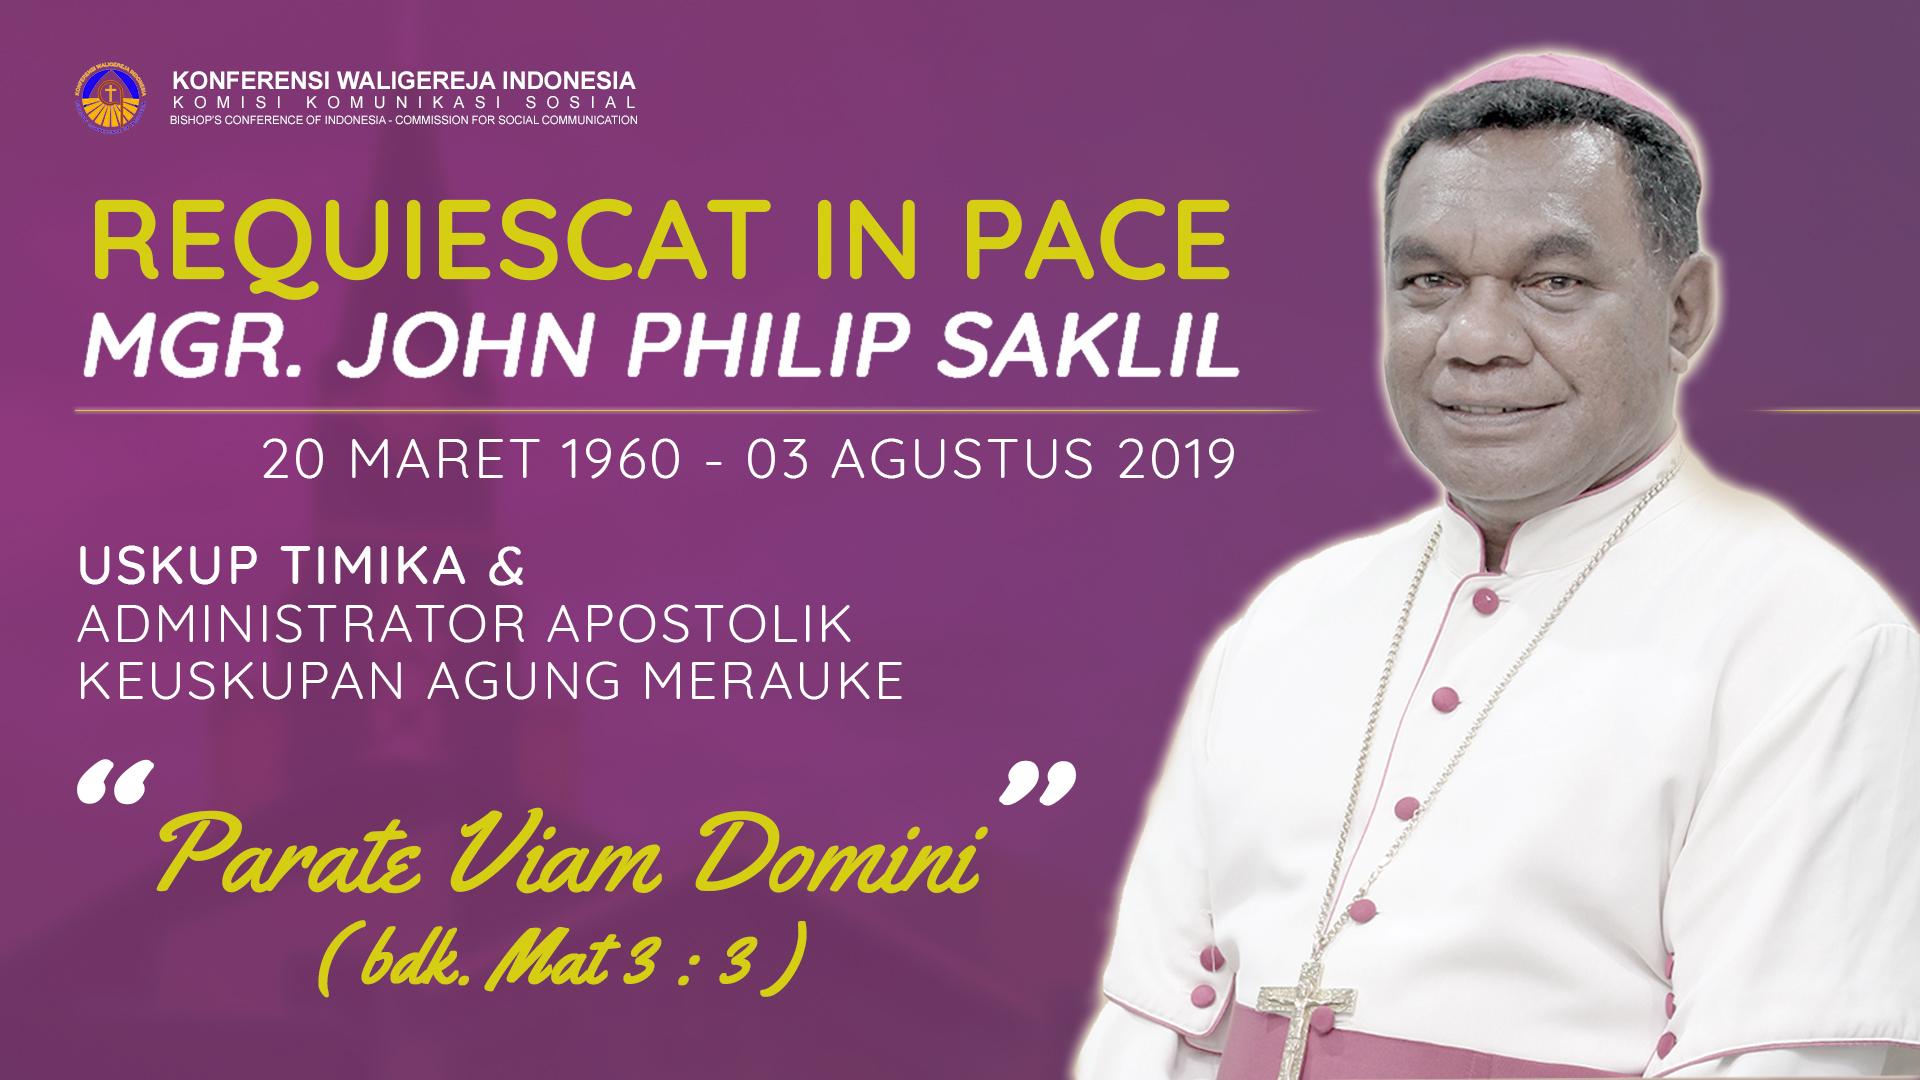 Mgr John Philip Saklil